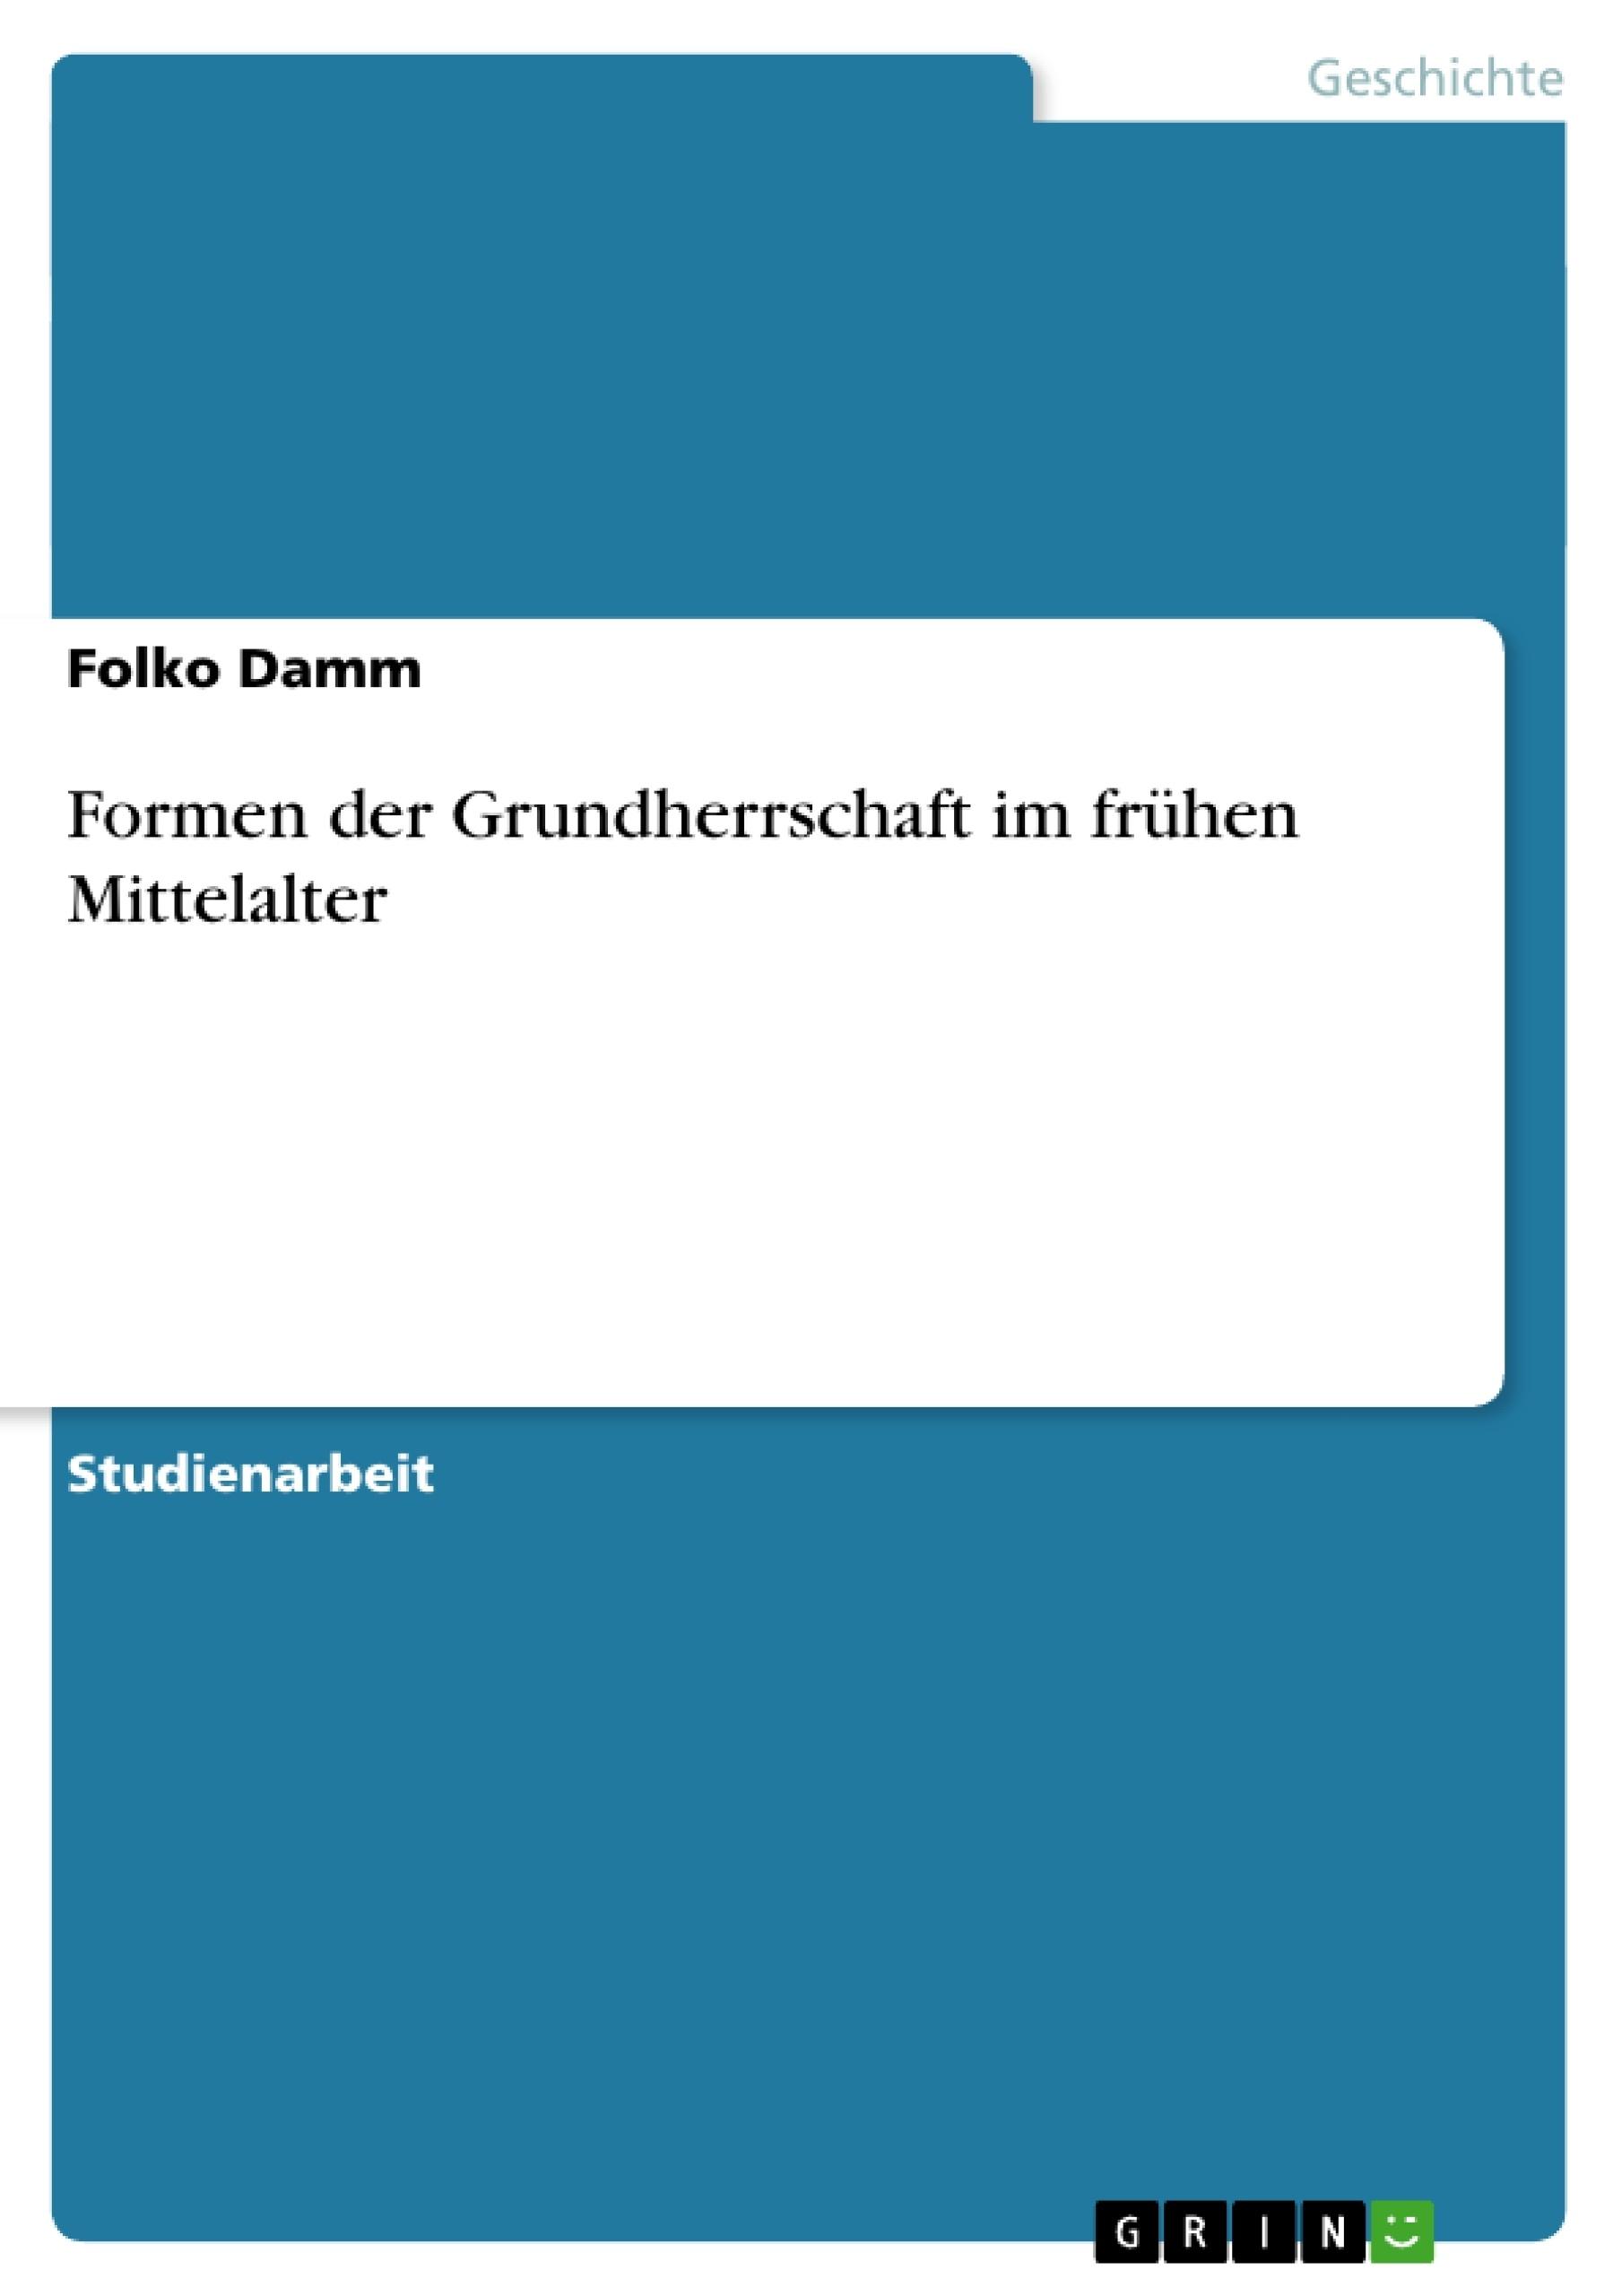 Titel: Formen der Grundherrschaft im frühen Mittelalter